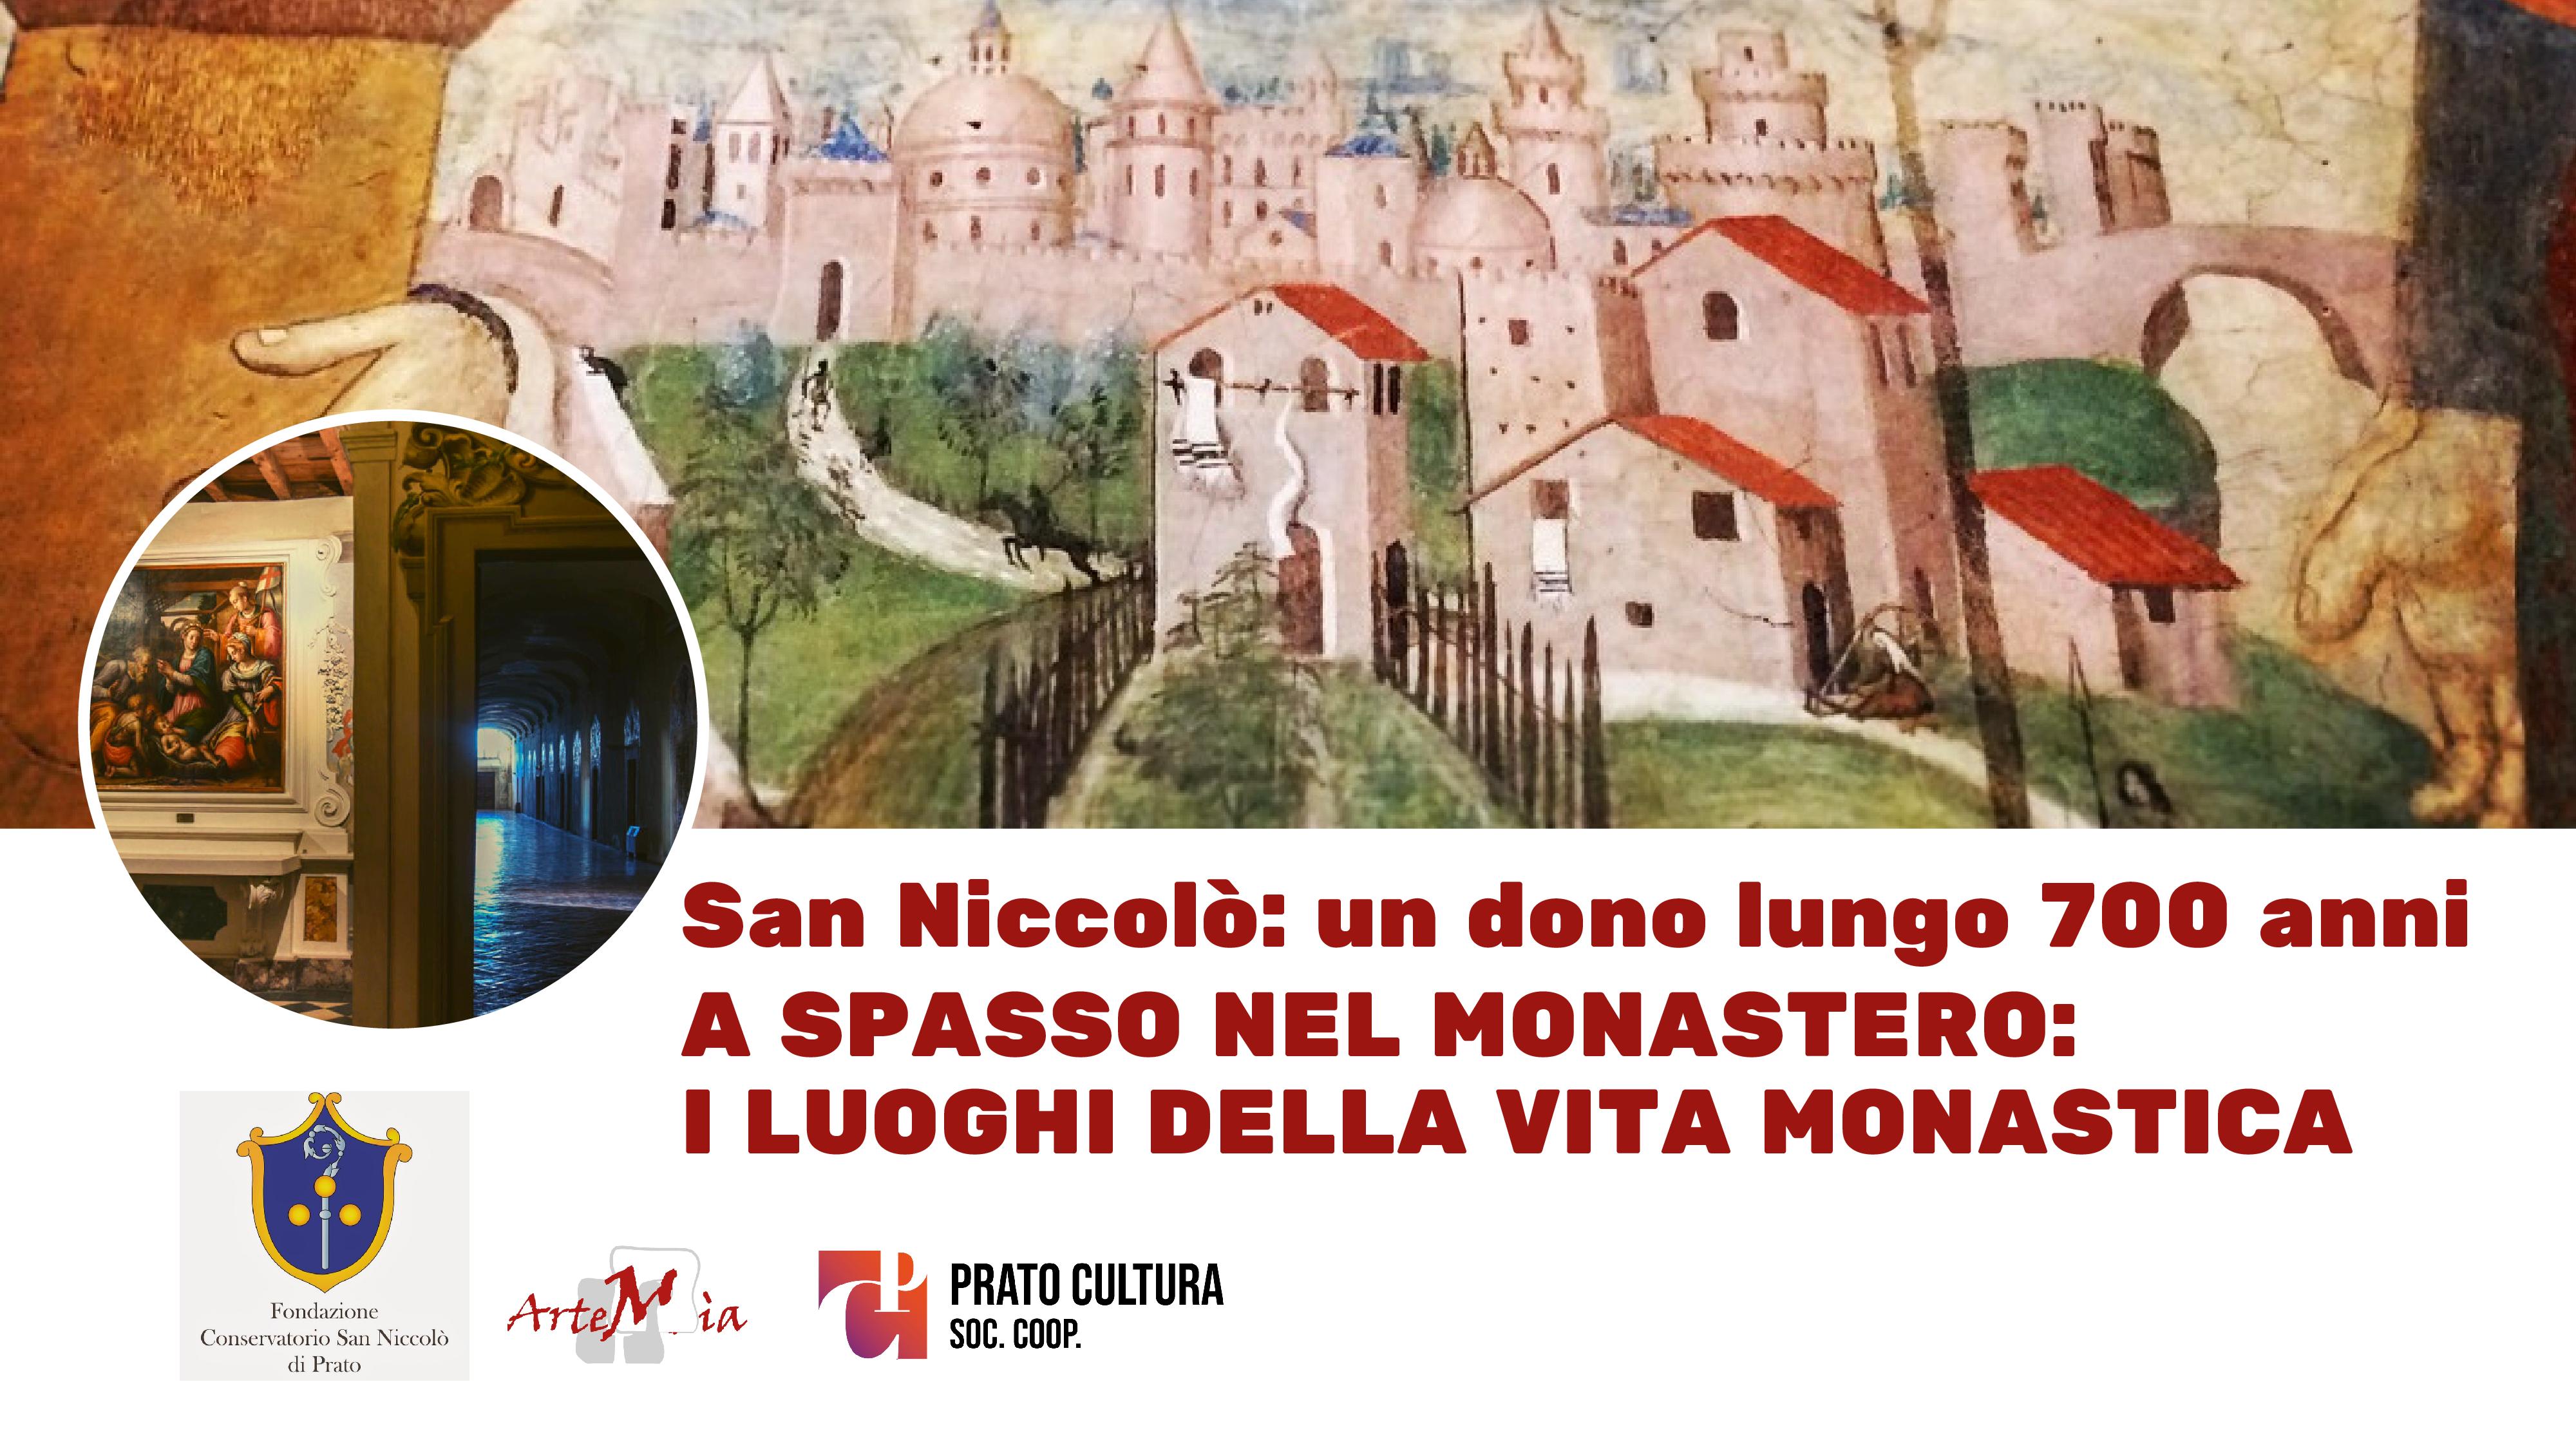 Visita: A spasso nel monastero: i luoghi della vita monastica